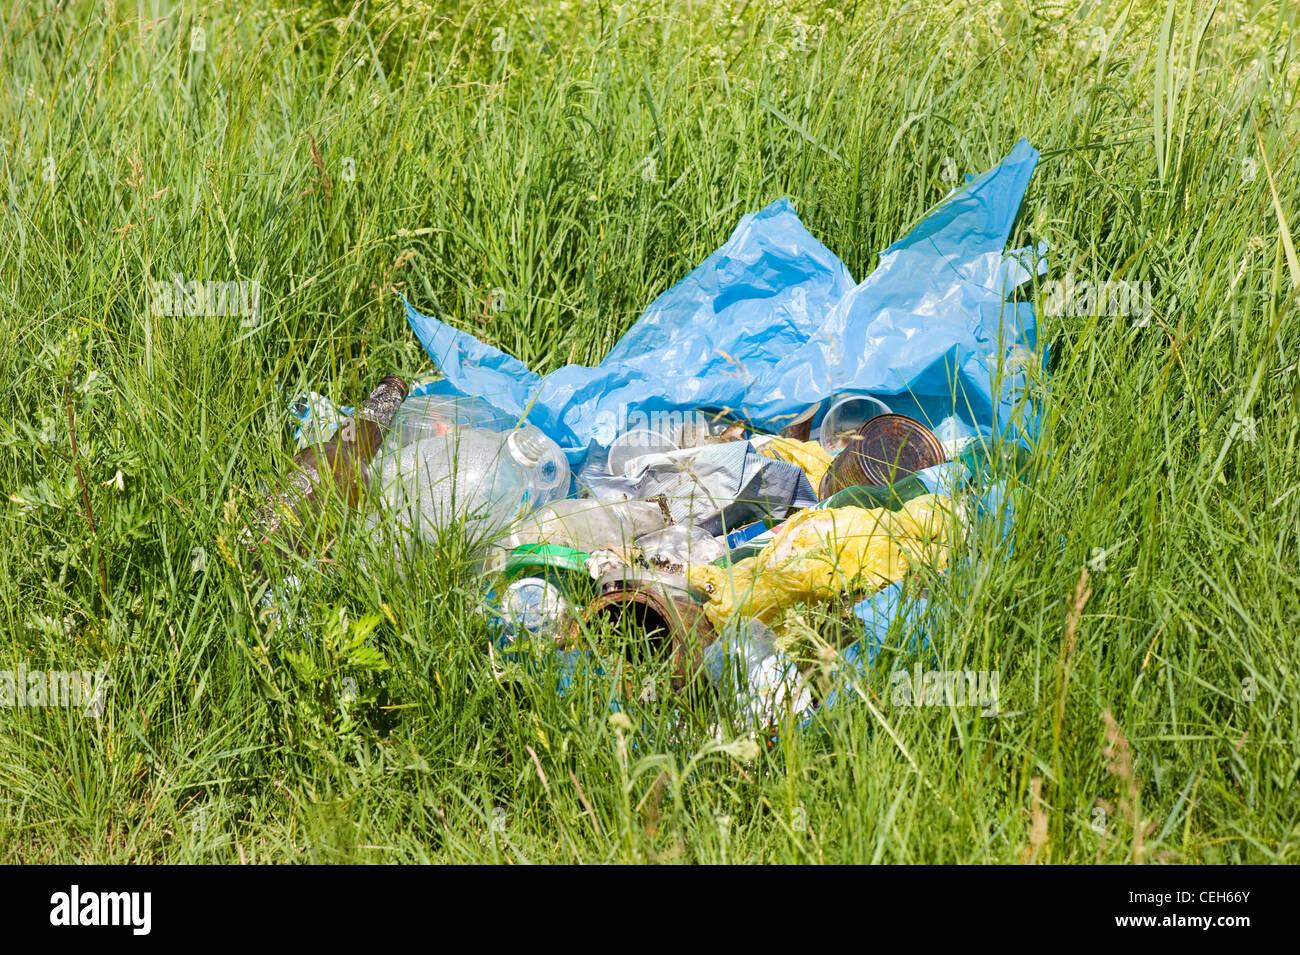 Diffusione illegale di rifiuti in plastica blu dump di borsa Immagini Stock